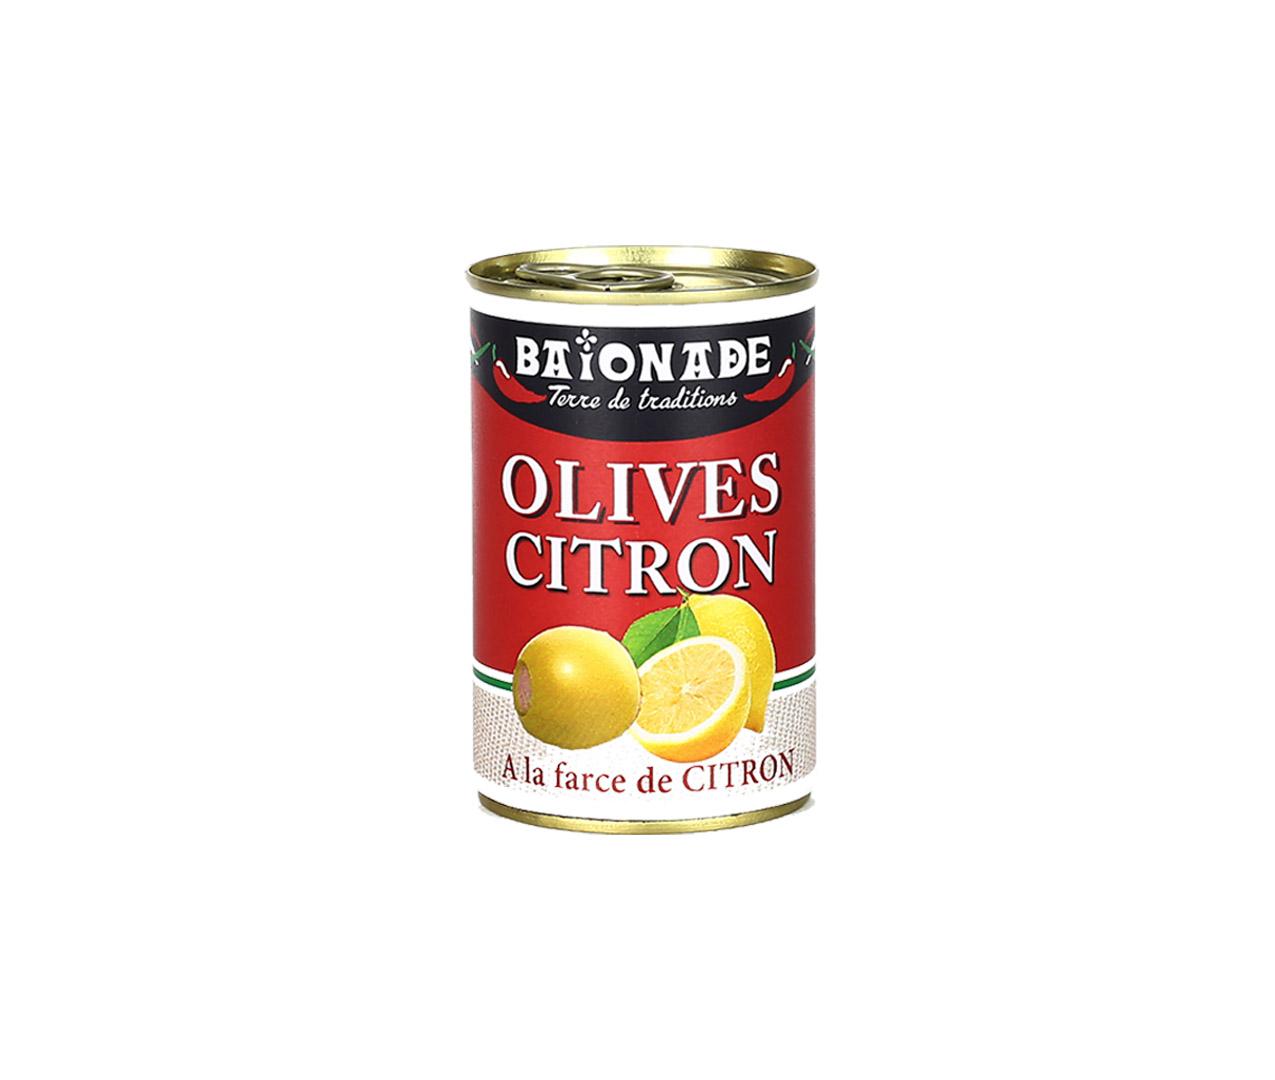 Olives farce citron Baïonade